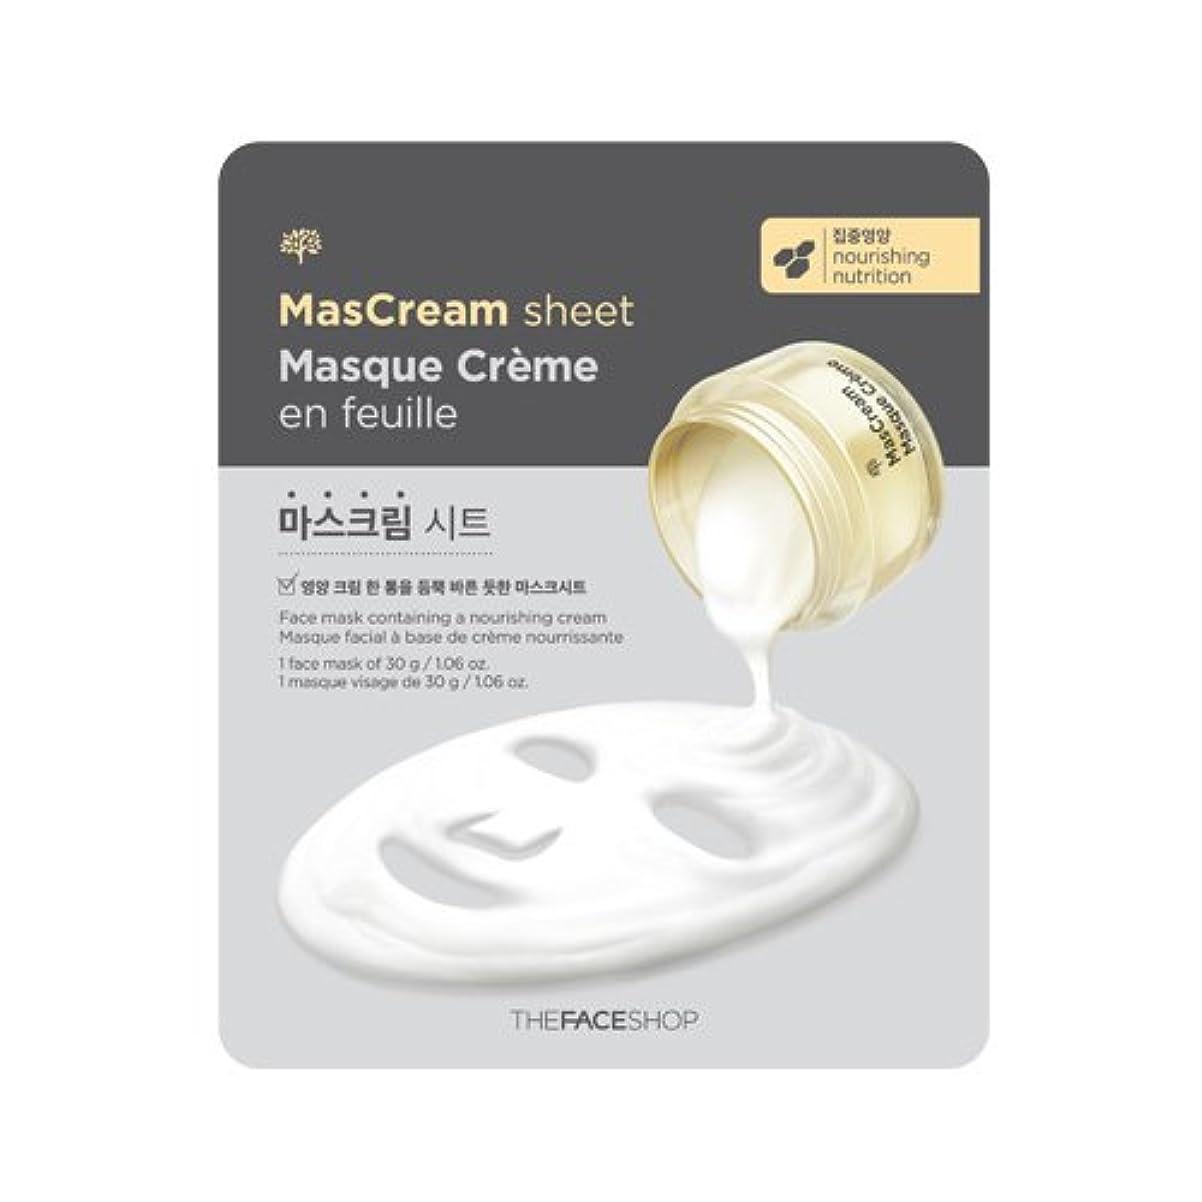 前書き鉛匿名ザフェイスショップ [THE FACE SHOP] MASCREAM SHEET x 2sheets マスクリームパック 2枚 (栄養 / NOURISHING) [並行輸入品]